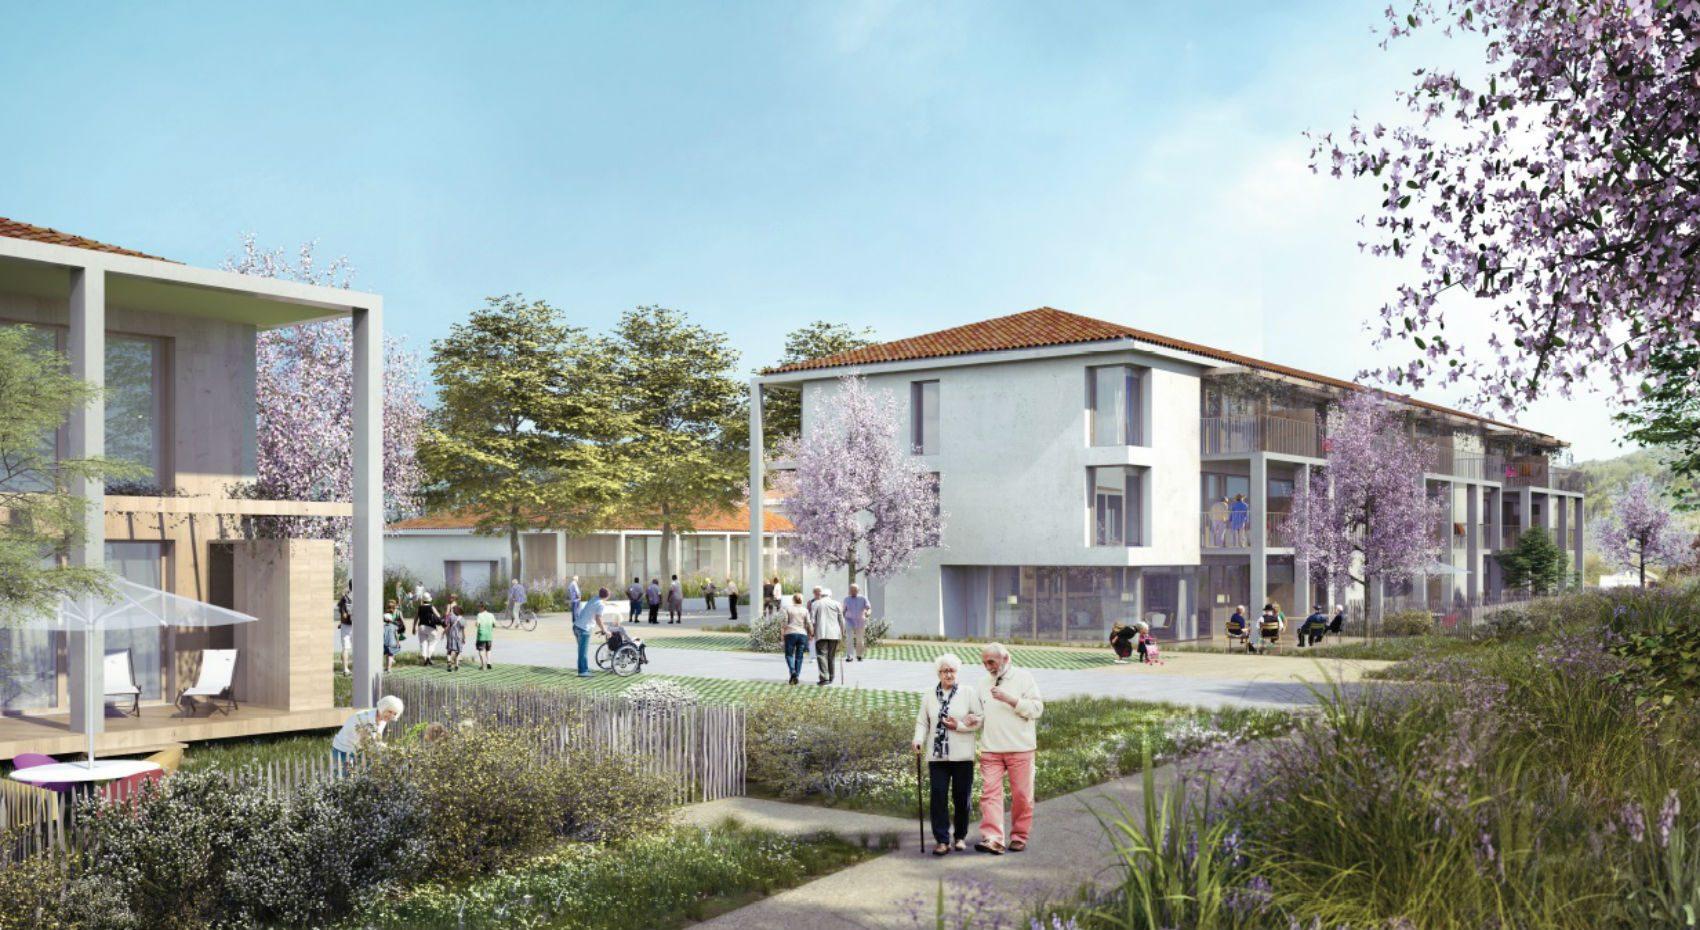 Plateforme de services pour personnes handicapées et vieillissantes à Livron sur Drôme